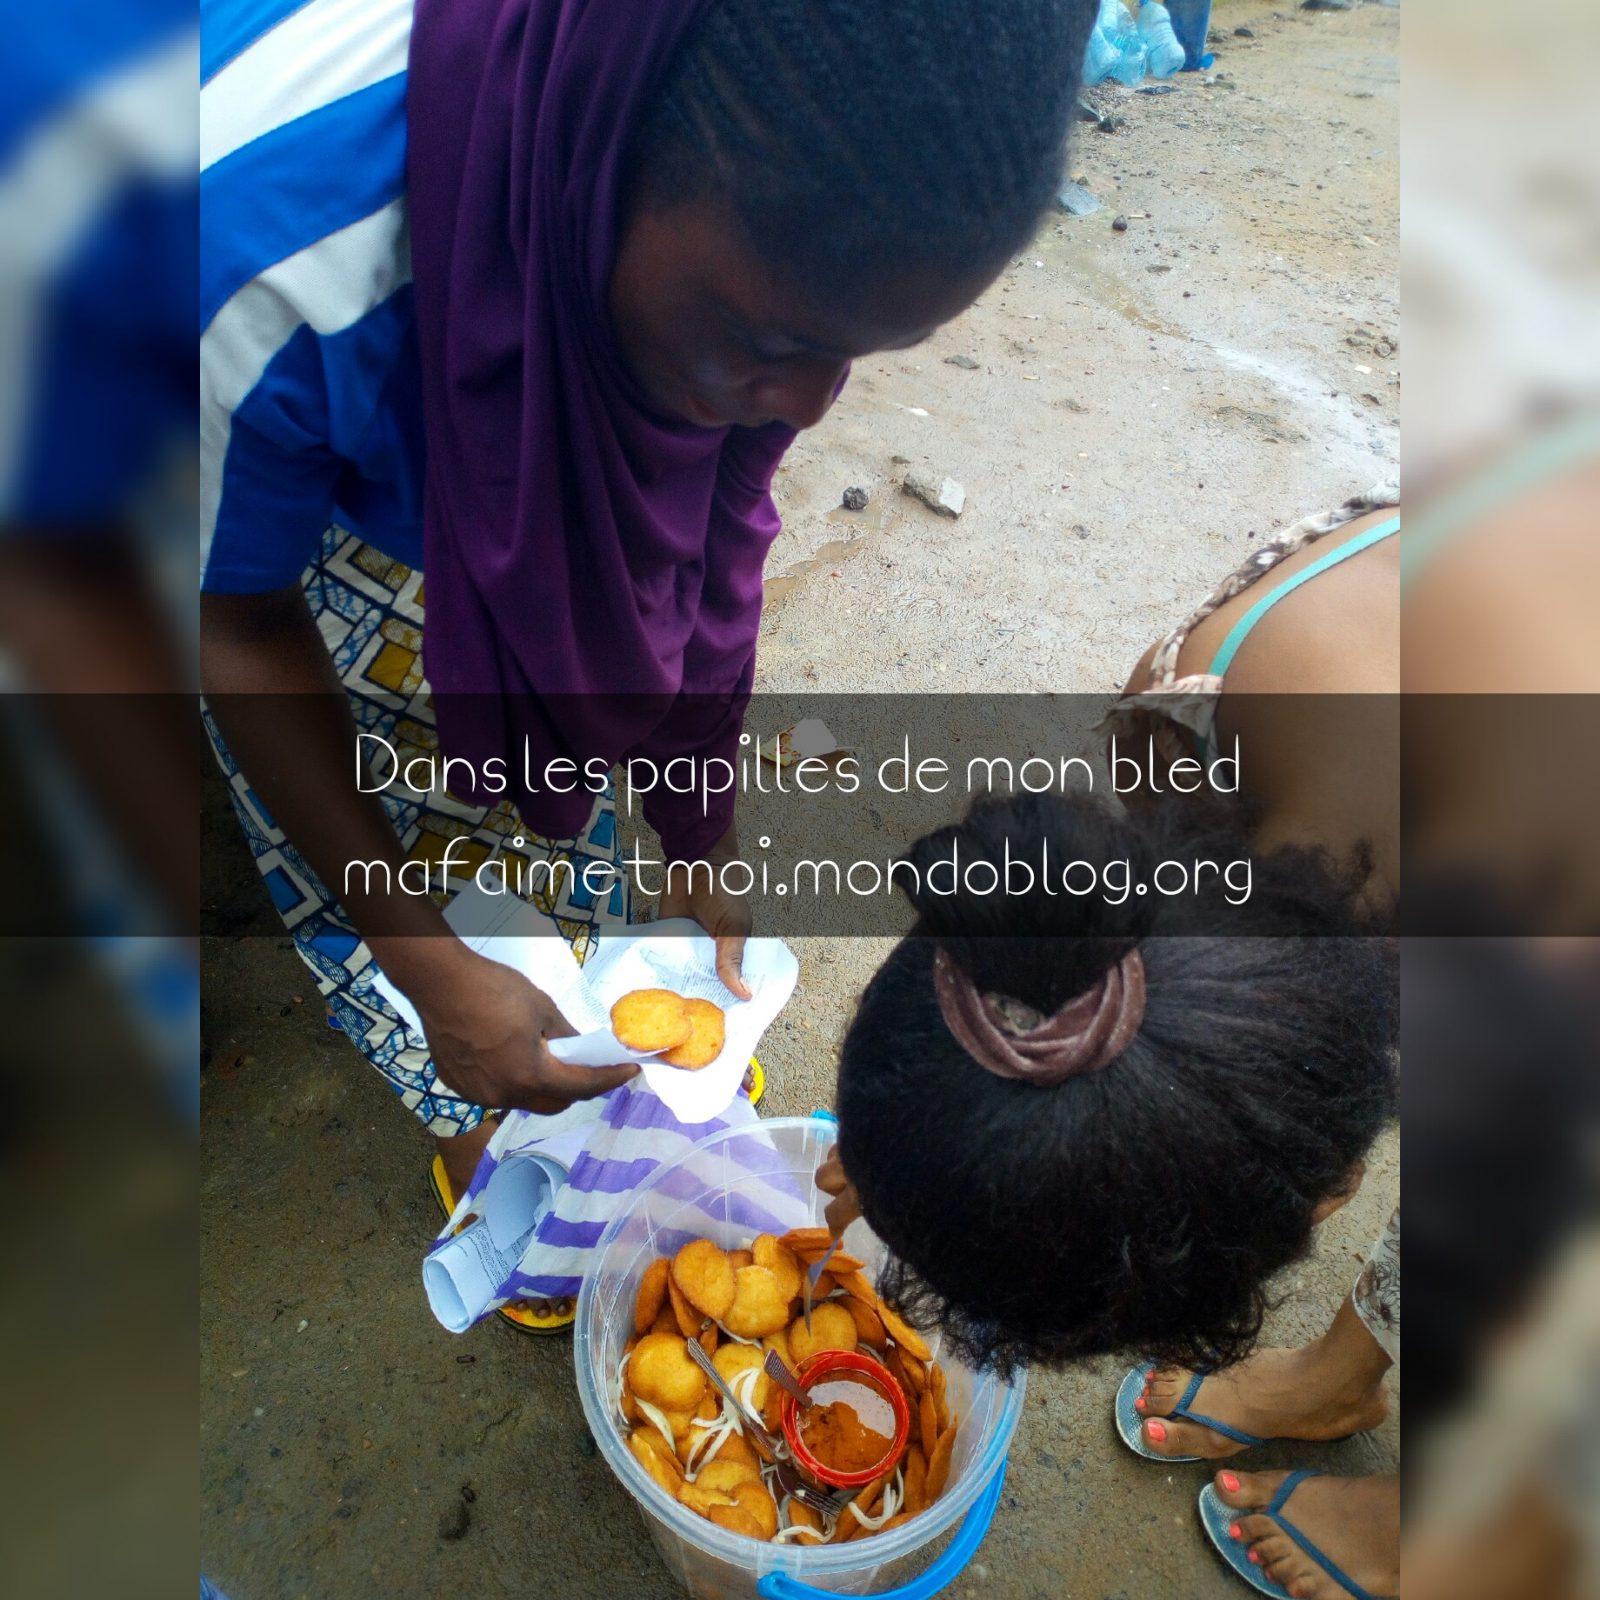 Vendeuse de beignets koki servant une cliente / Crédit Photo : Votre espionne culinaire